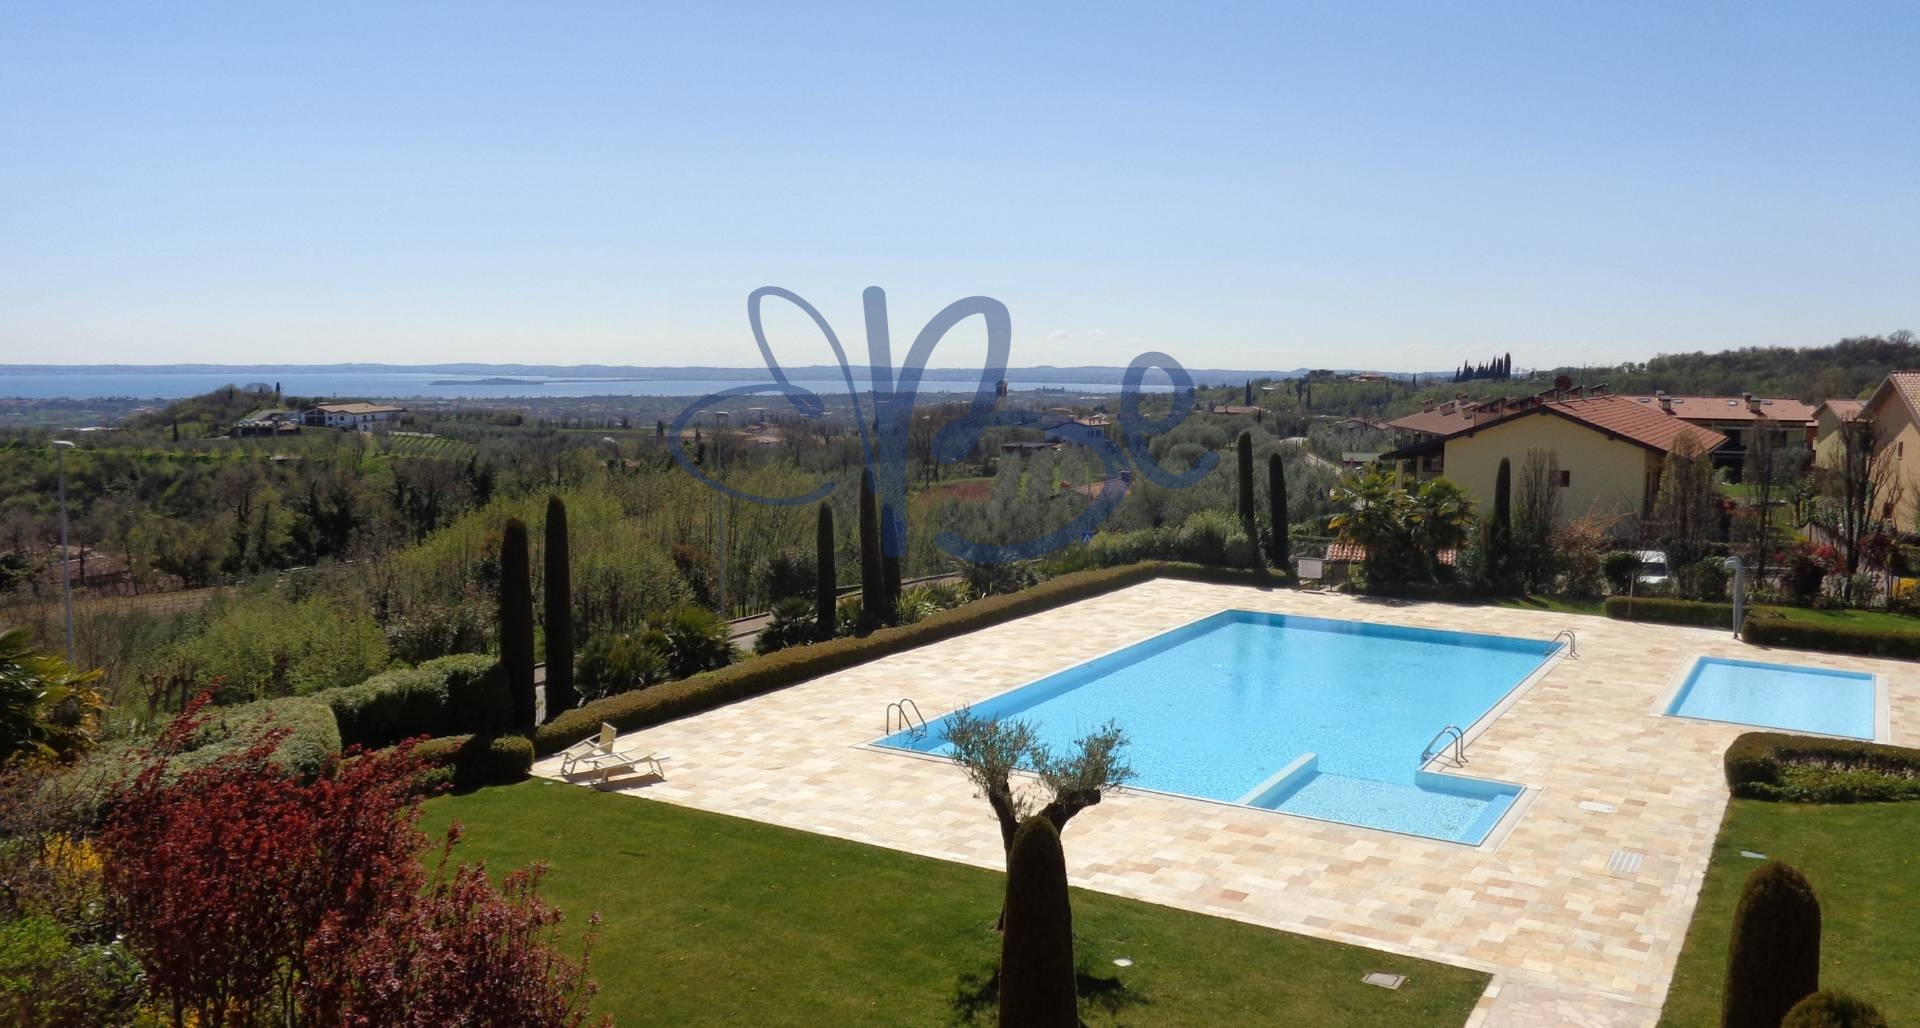 Appartamento in affitto a Puegnago sul Garda, 1 locali, Trattative riservate | CambioCasa.it